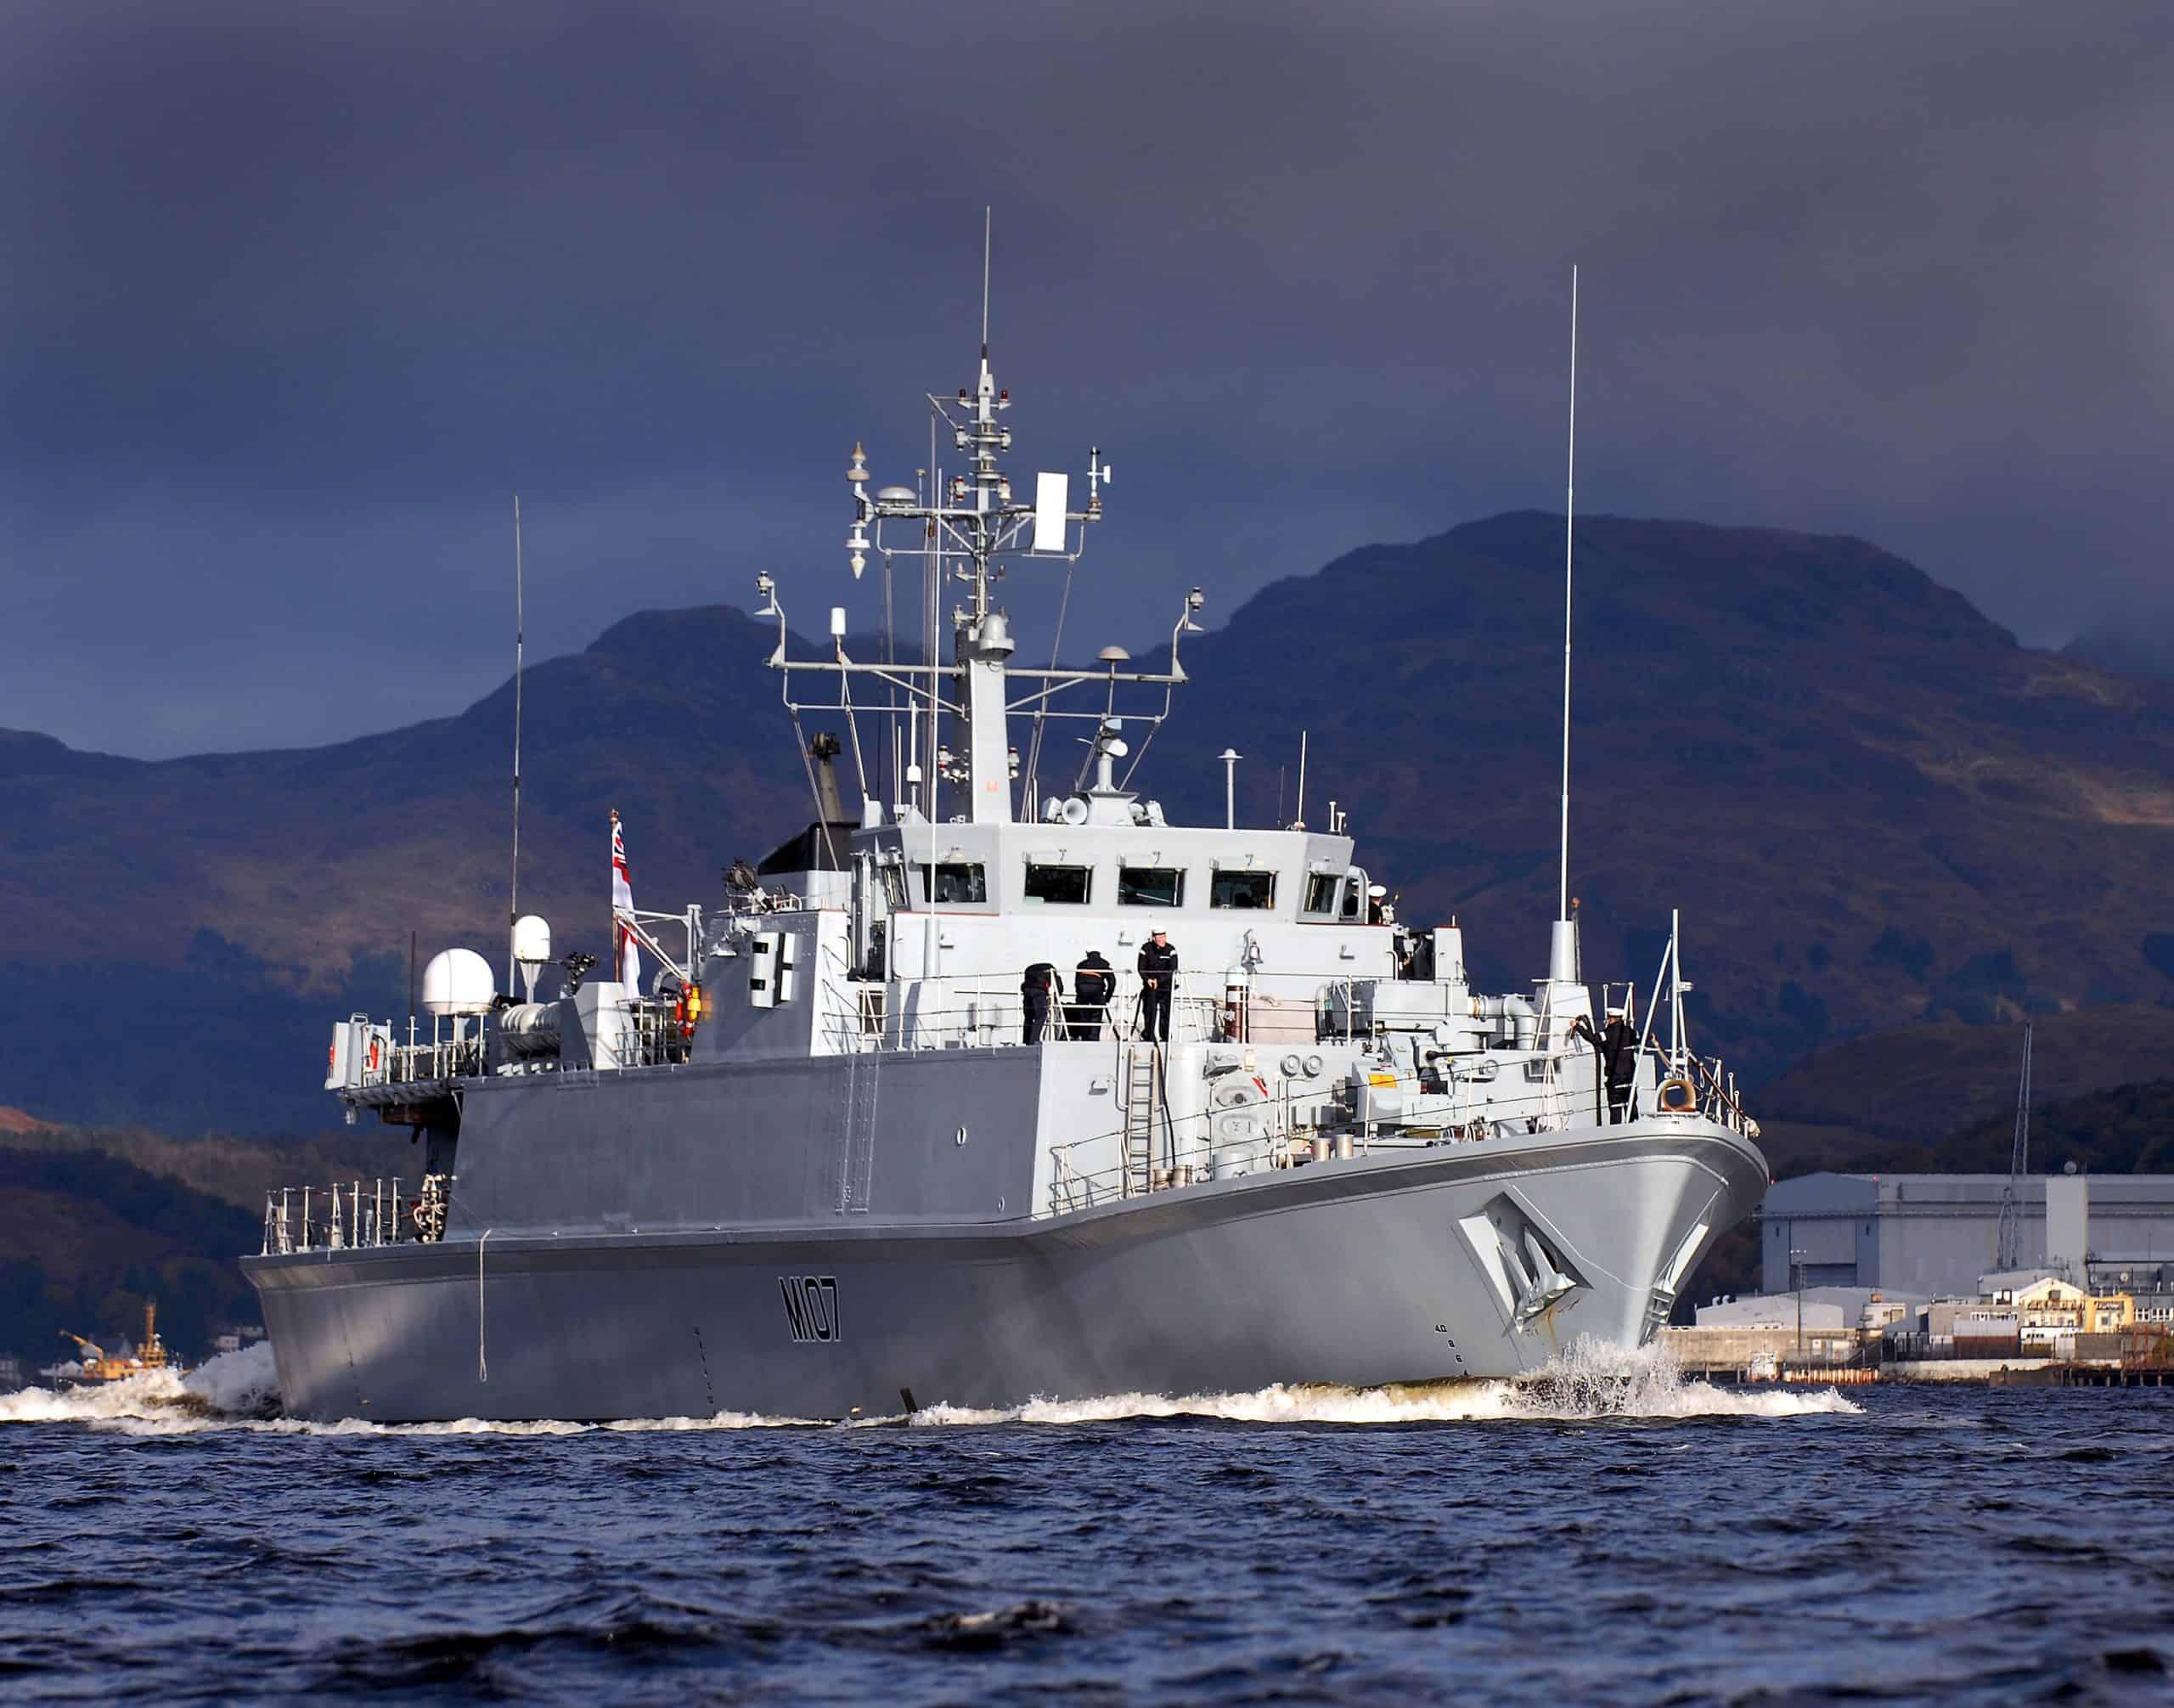 Мінний тральщик HMS Pembroke (M107)